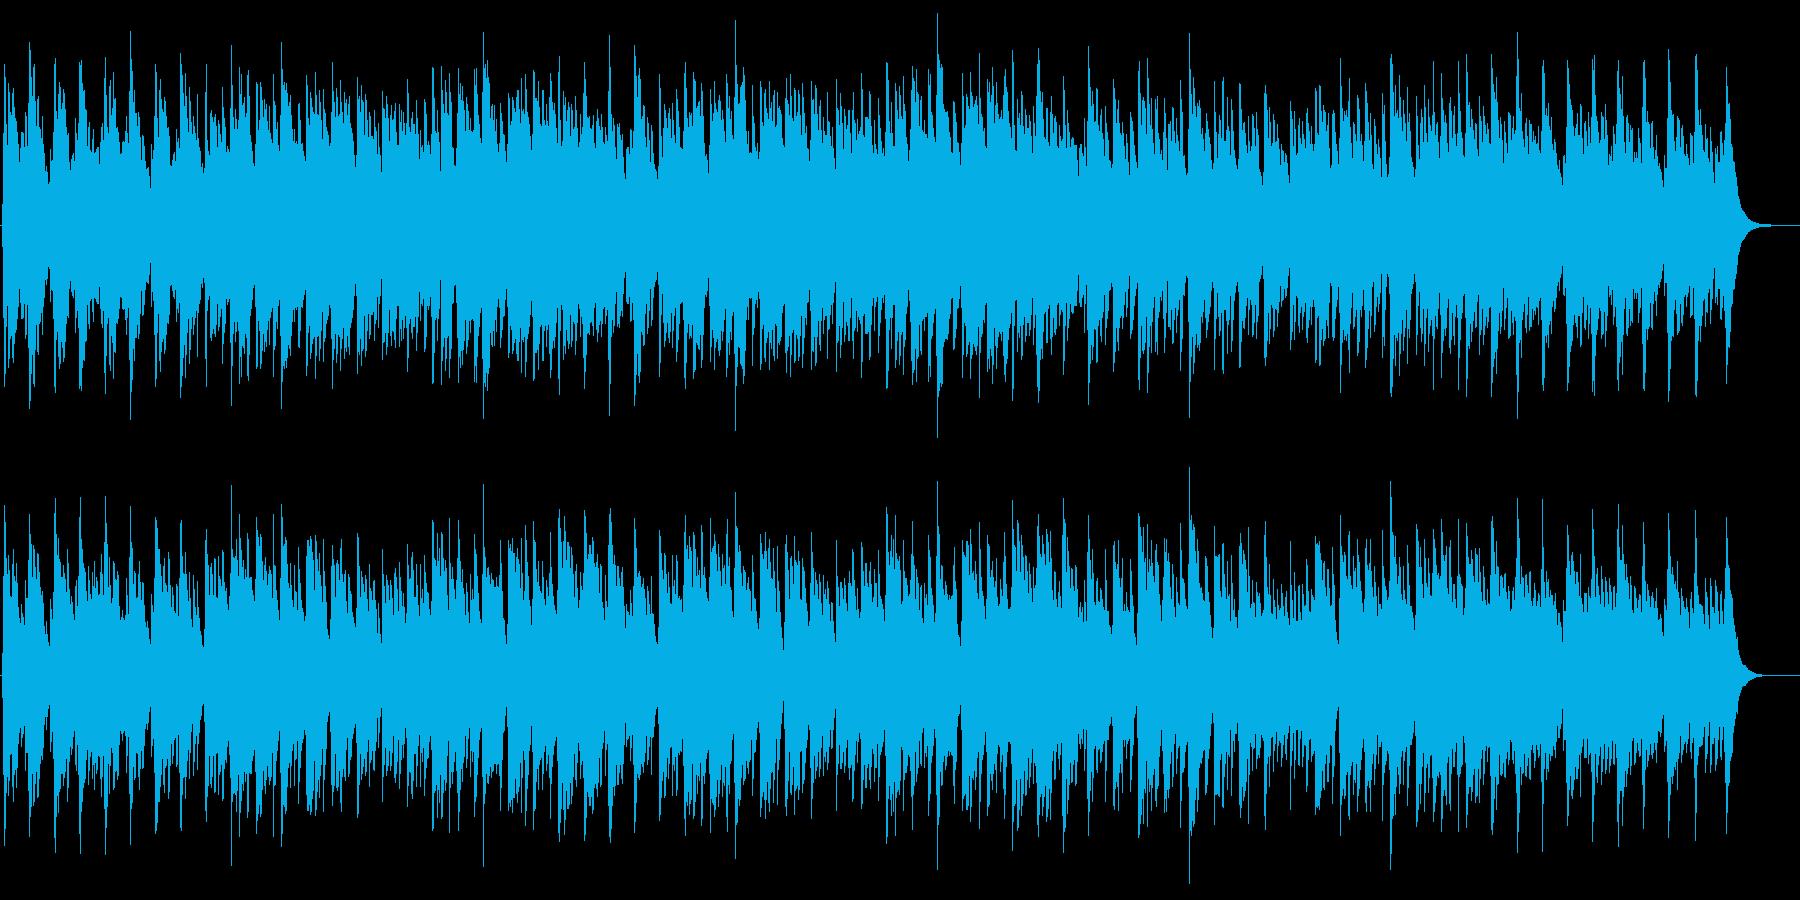 どこに行ったの僕の子犬 オルゴールの再生済みの波形